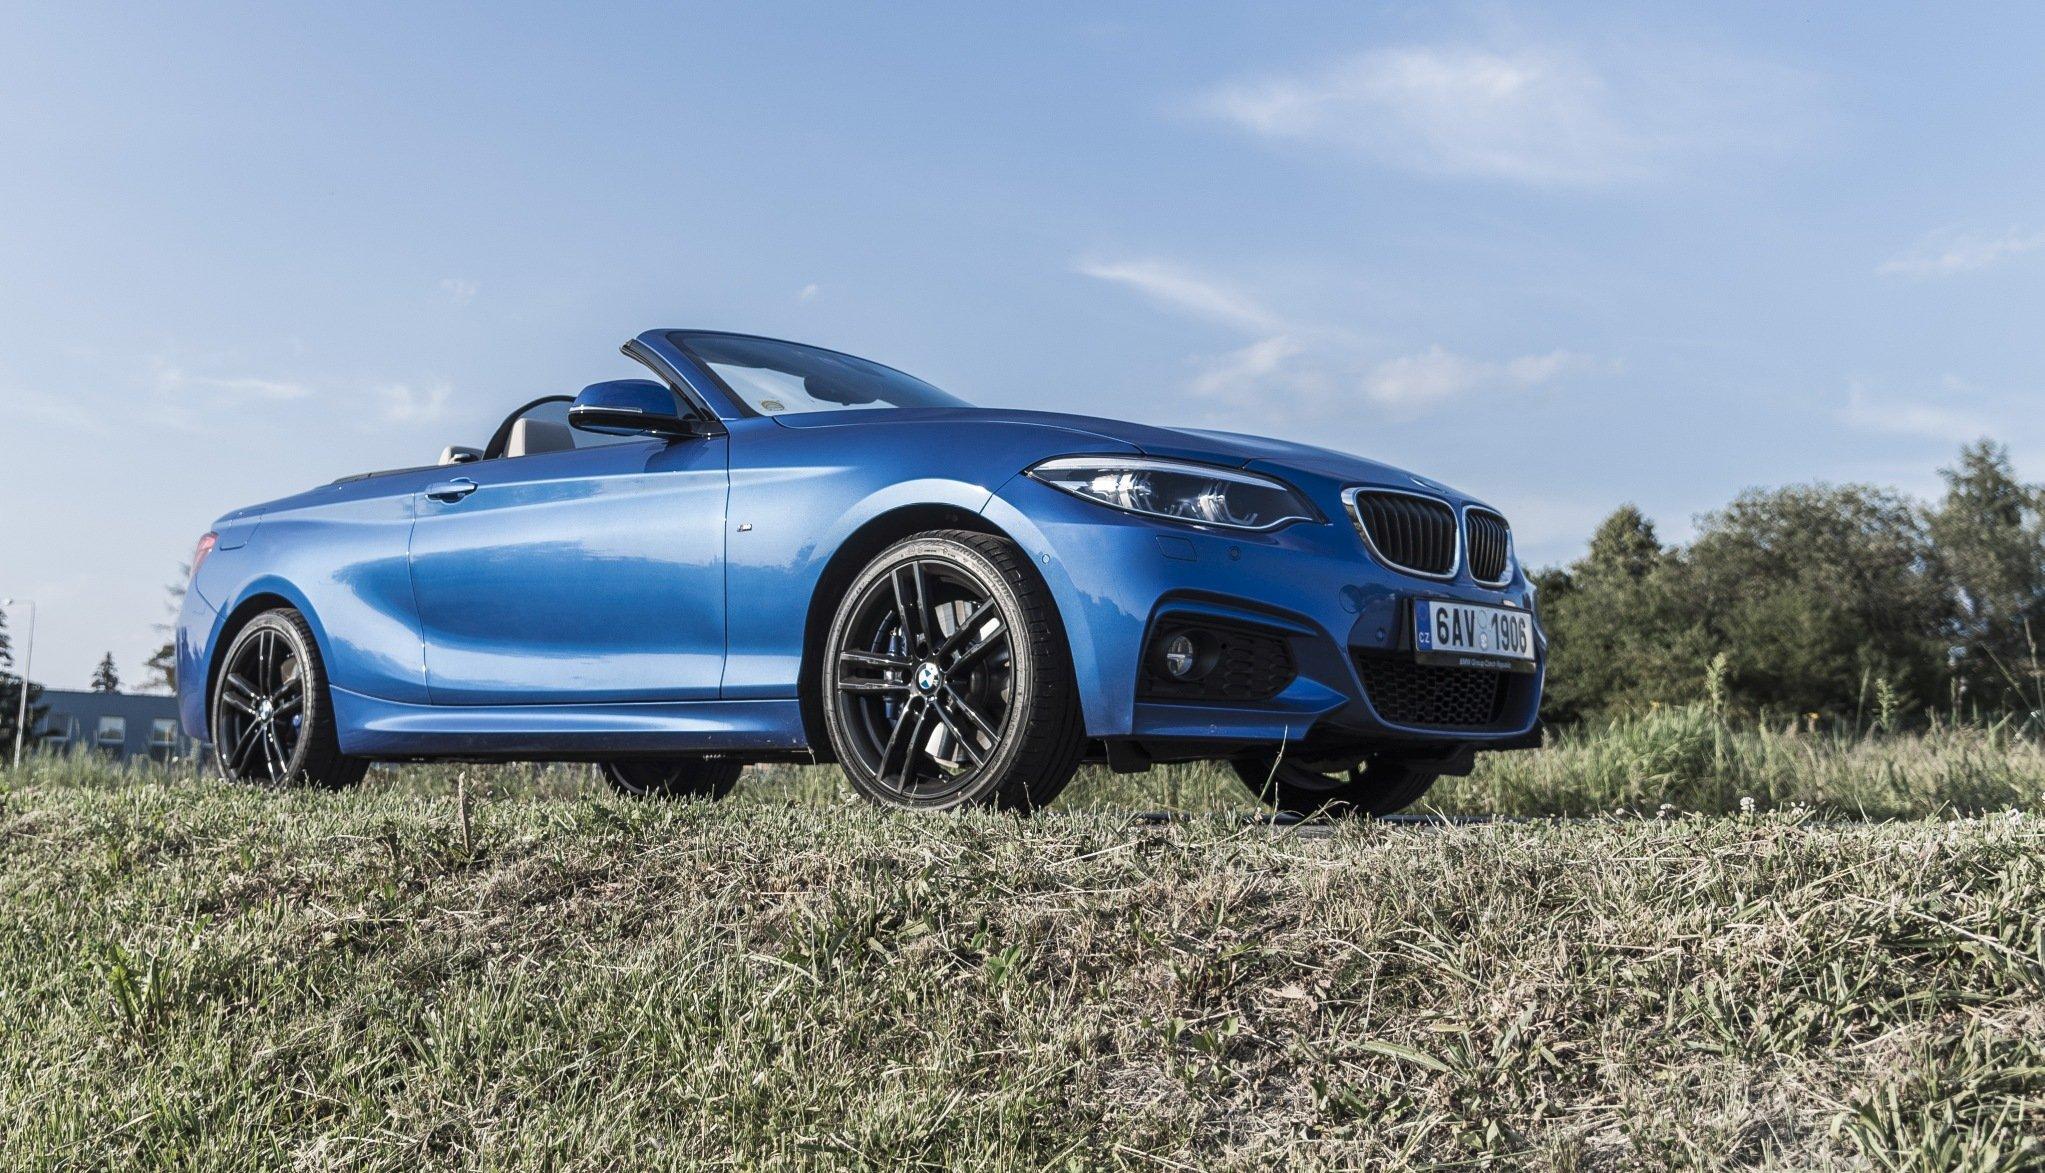 Redakční autotest: BMW 230i Cabrio - letní jízda